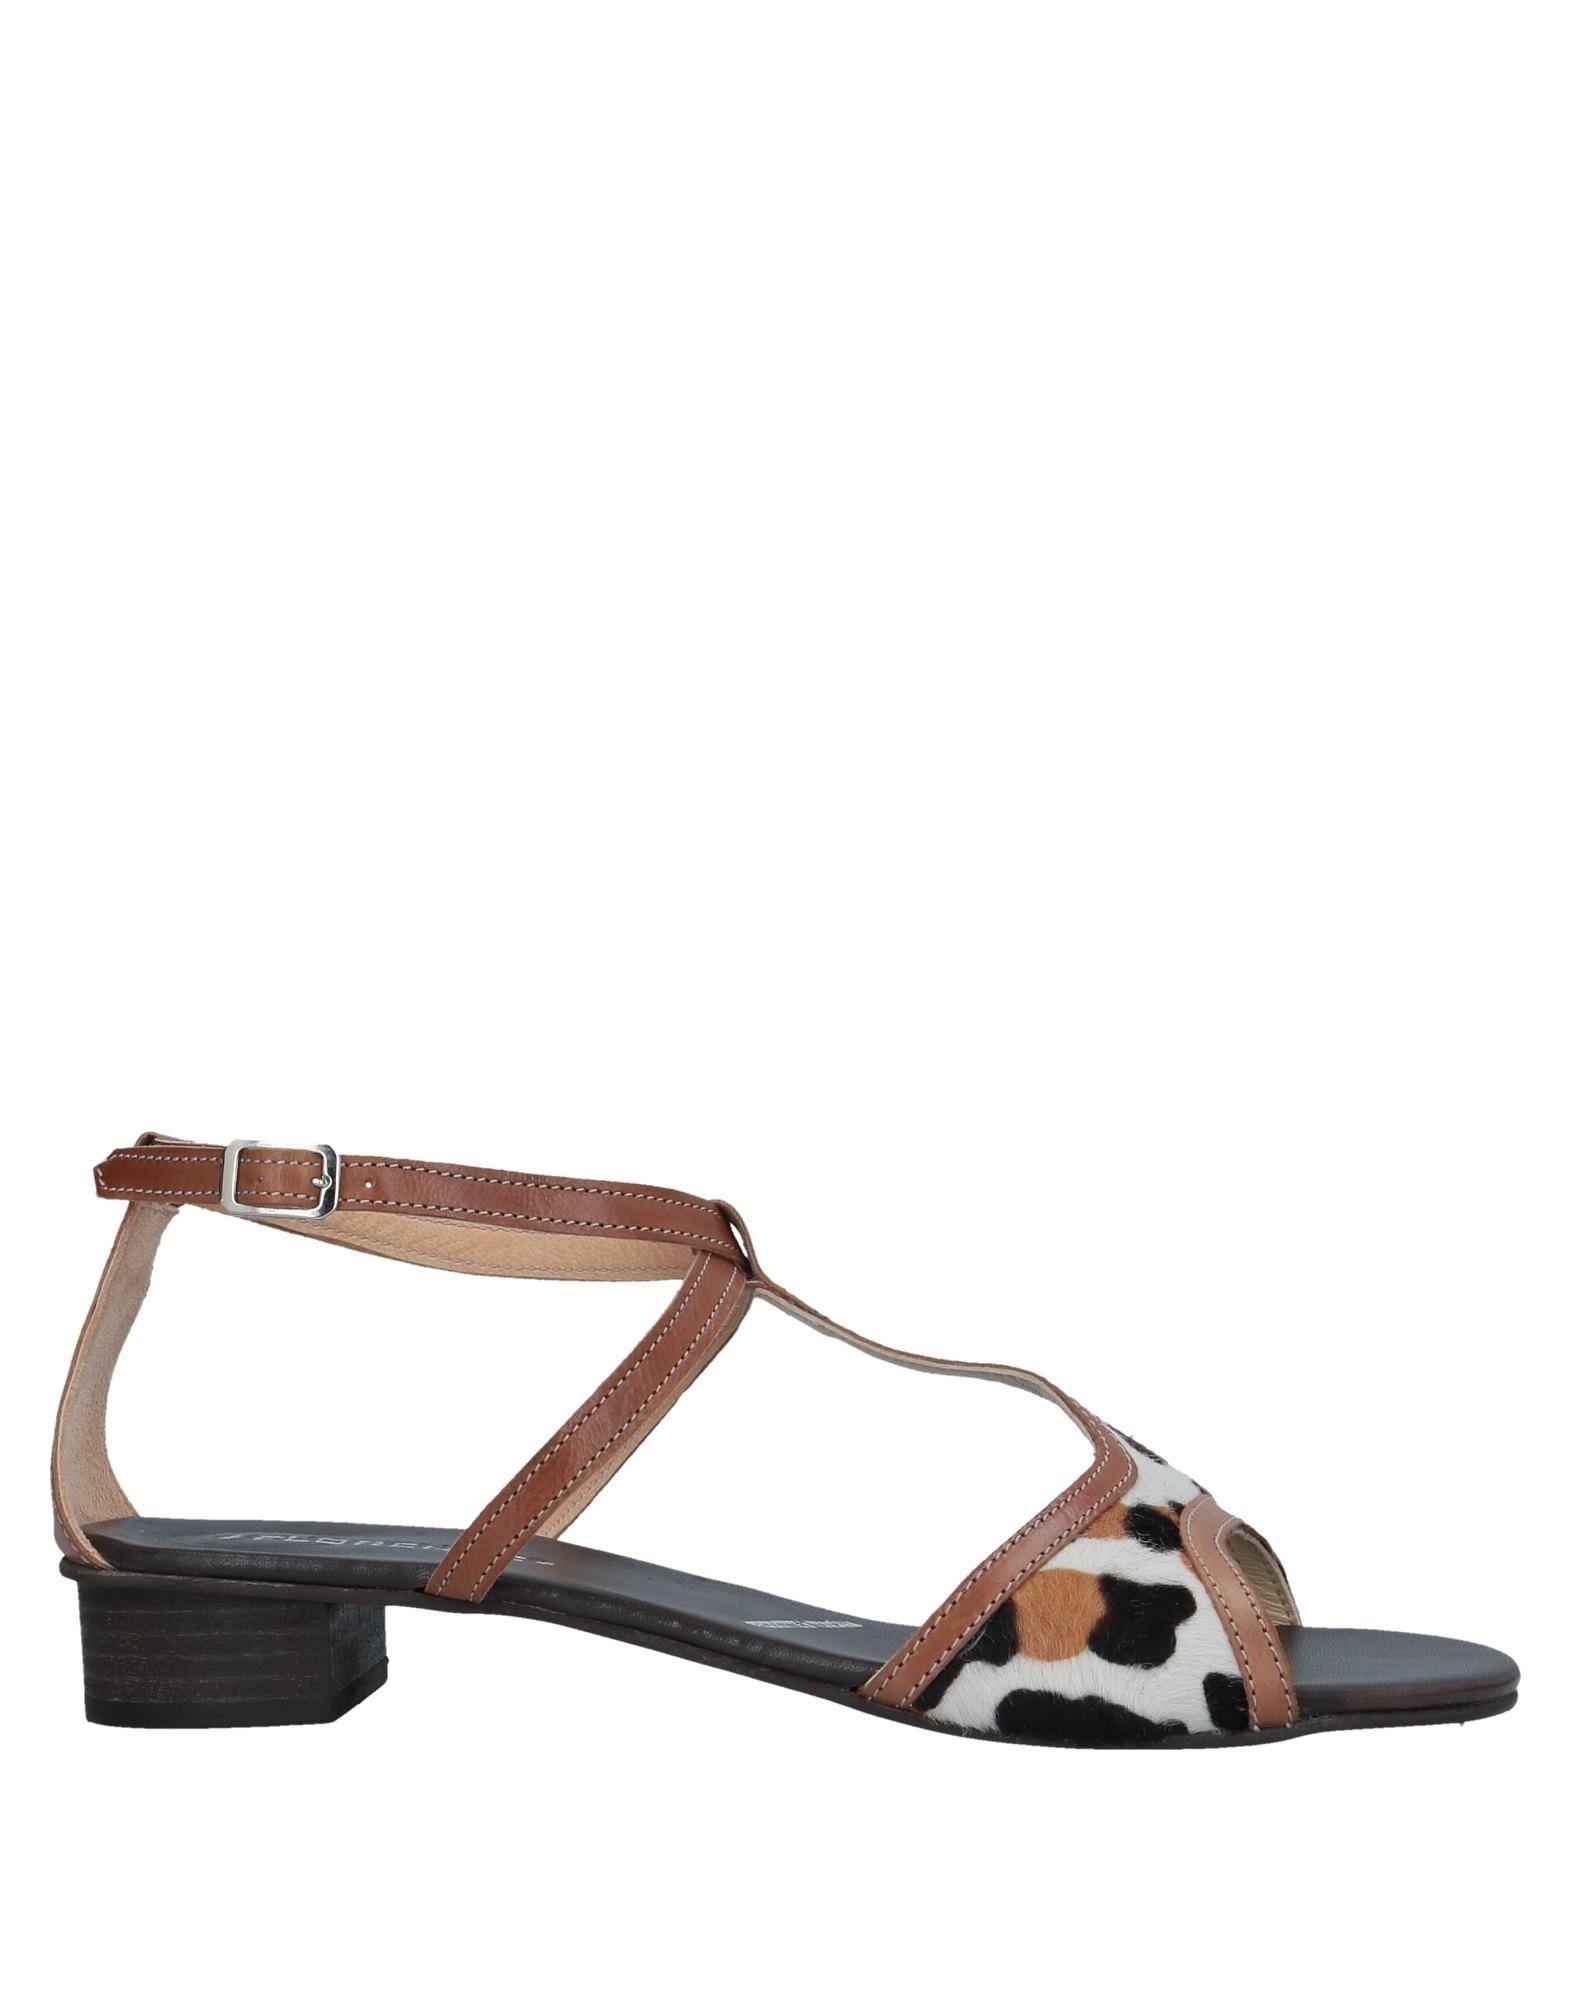 Florence Sandalen Damen  11527176HW Gute Qualität beliebte Schuhe